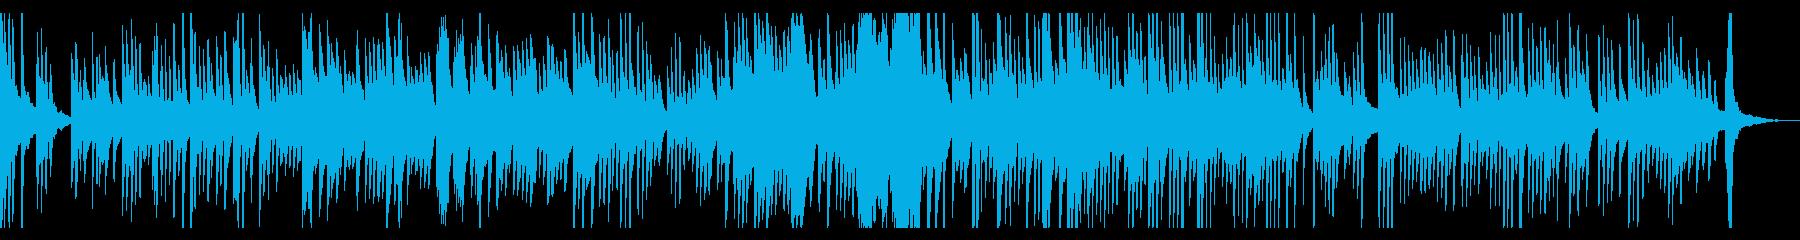 夏の夕暮れ ピアノソロの再生済みの波形